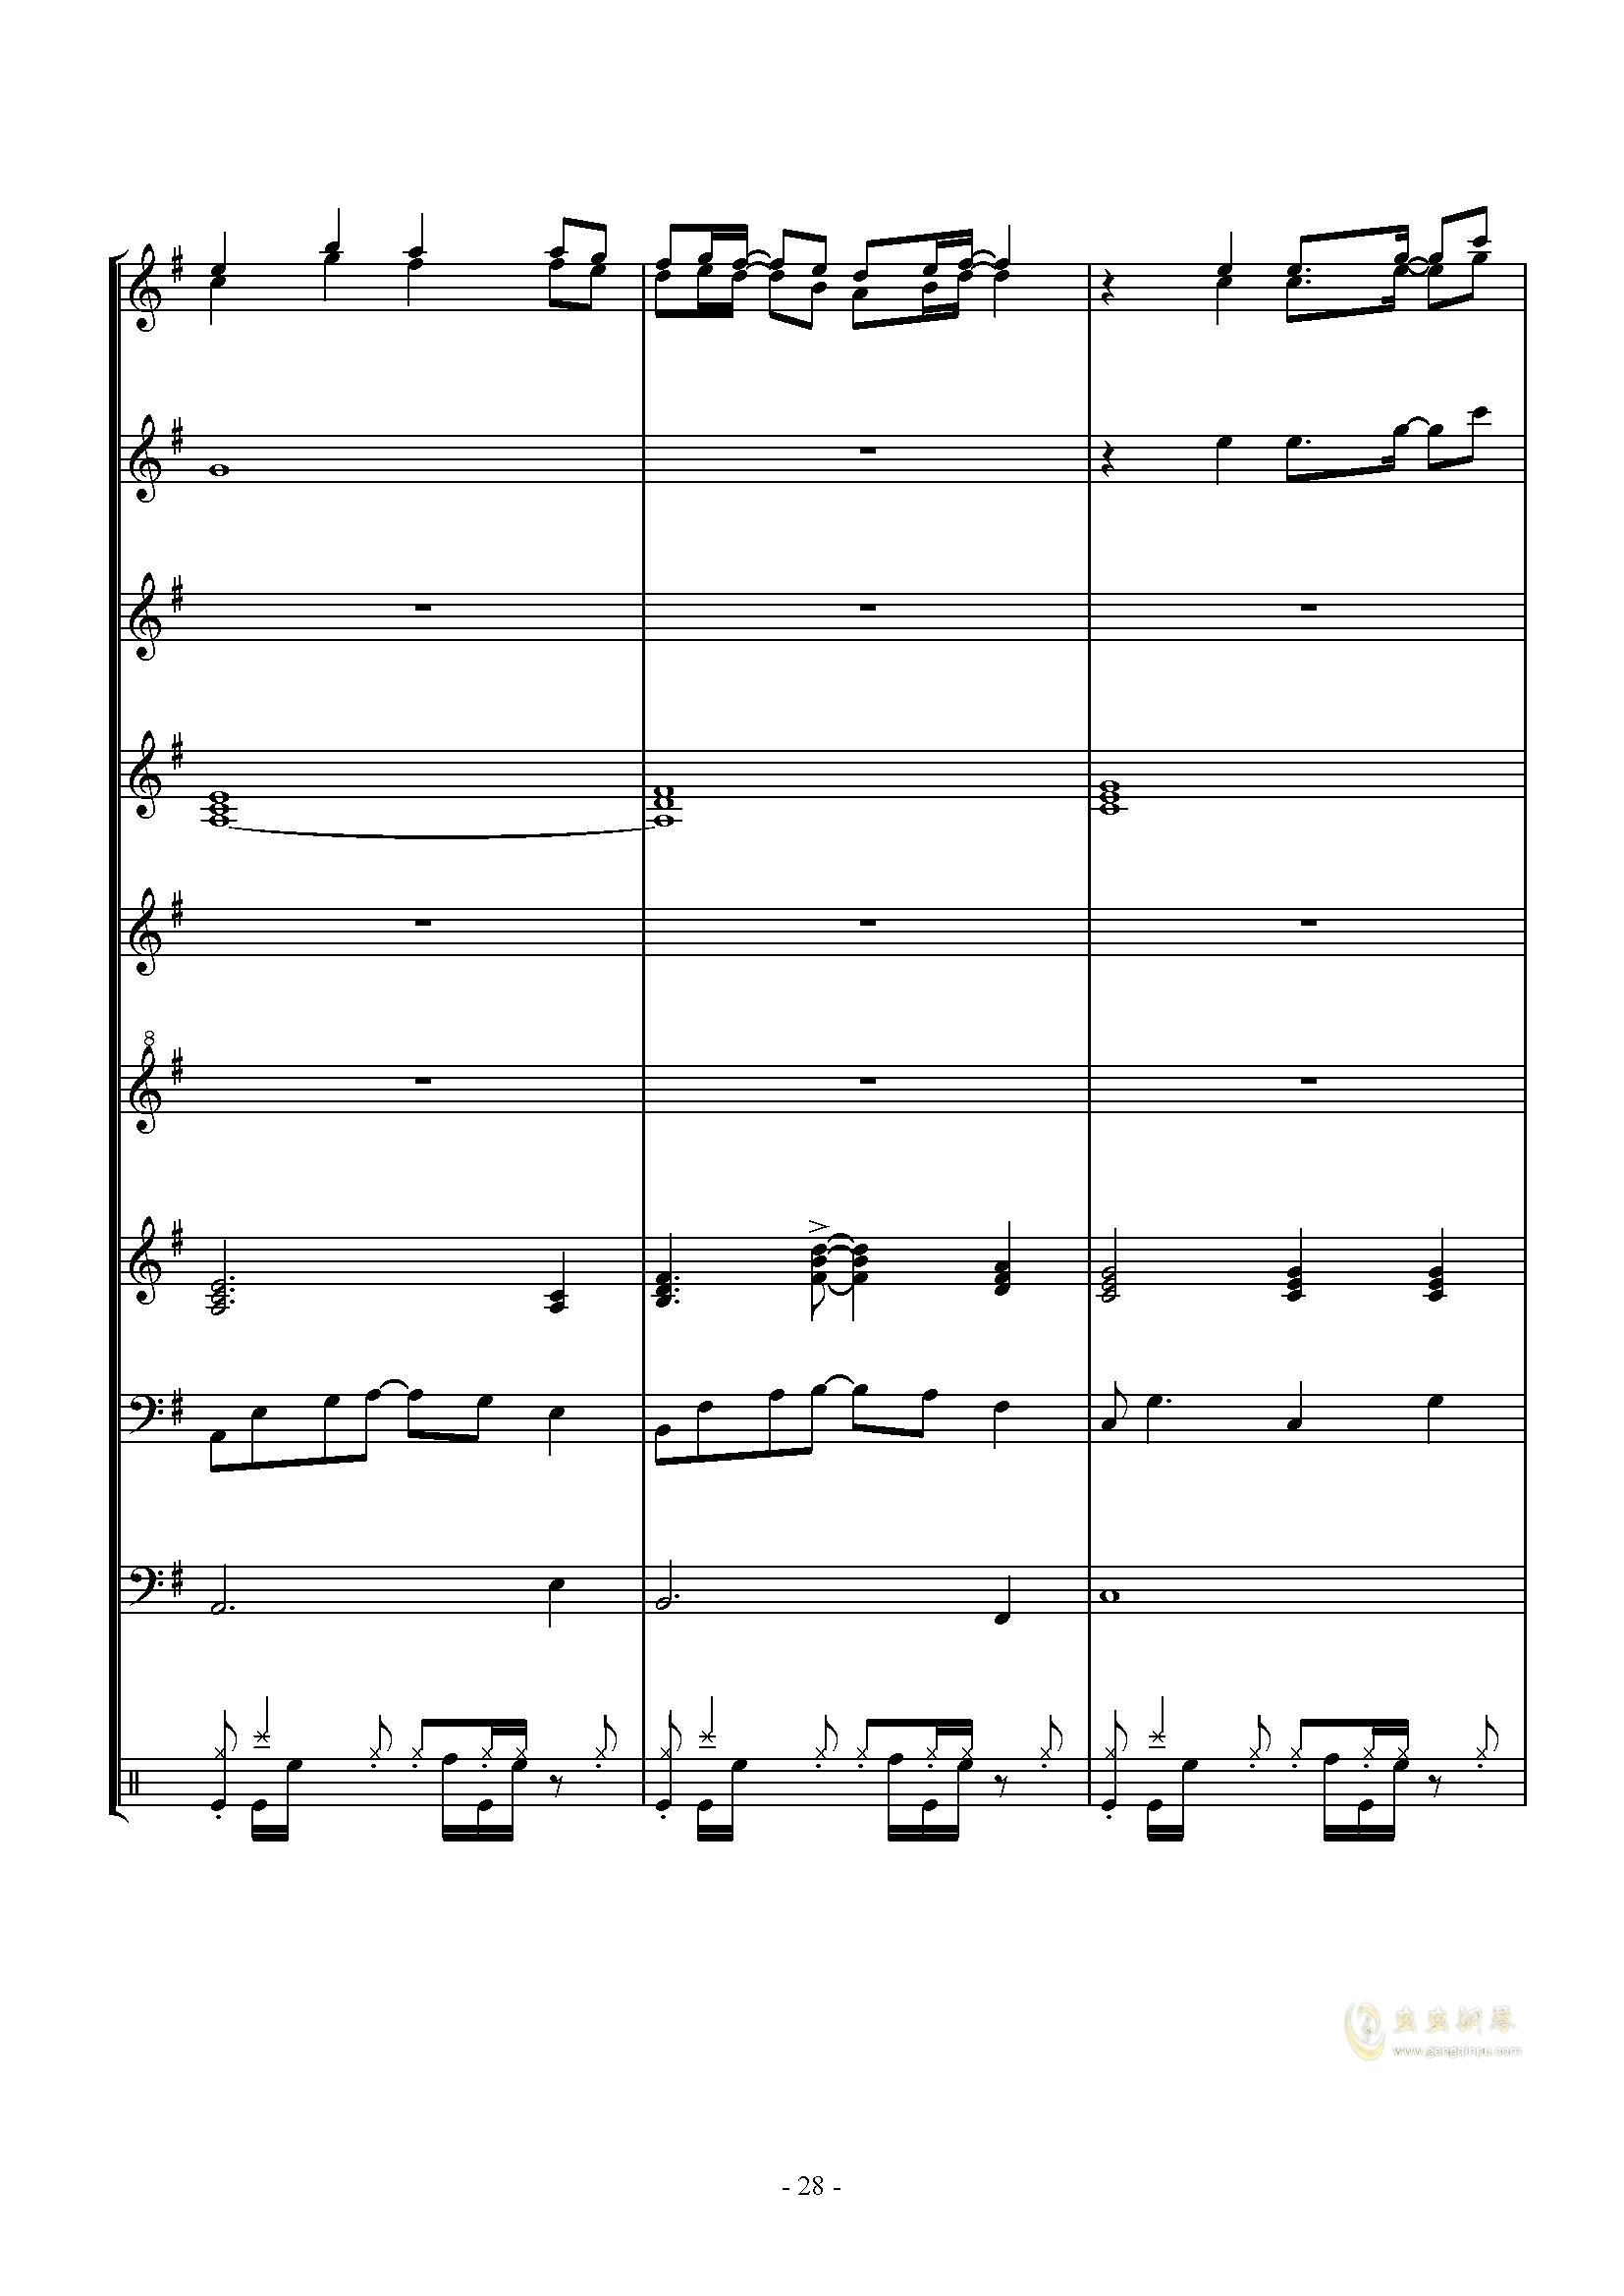 キミガタメ钢琴谱 第28页